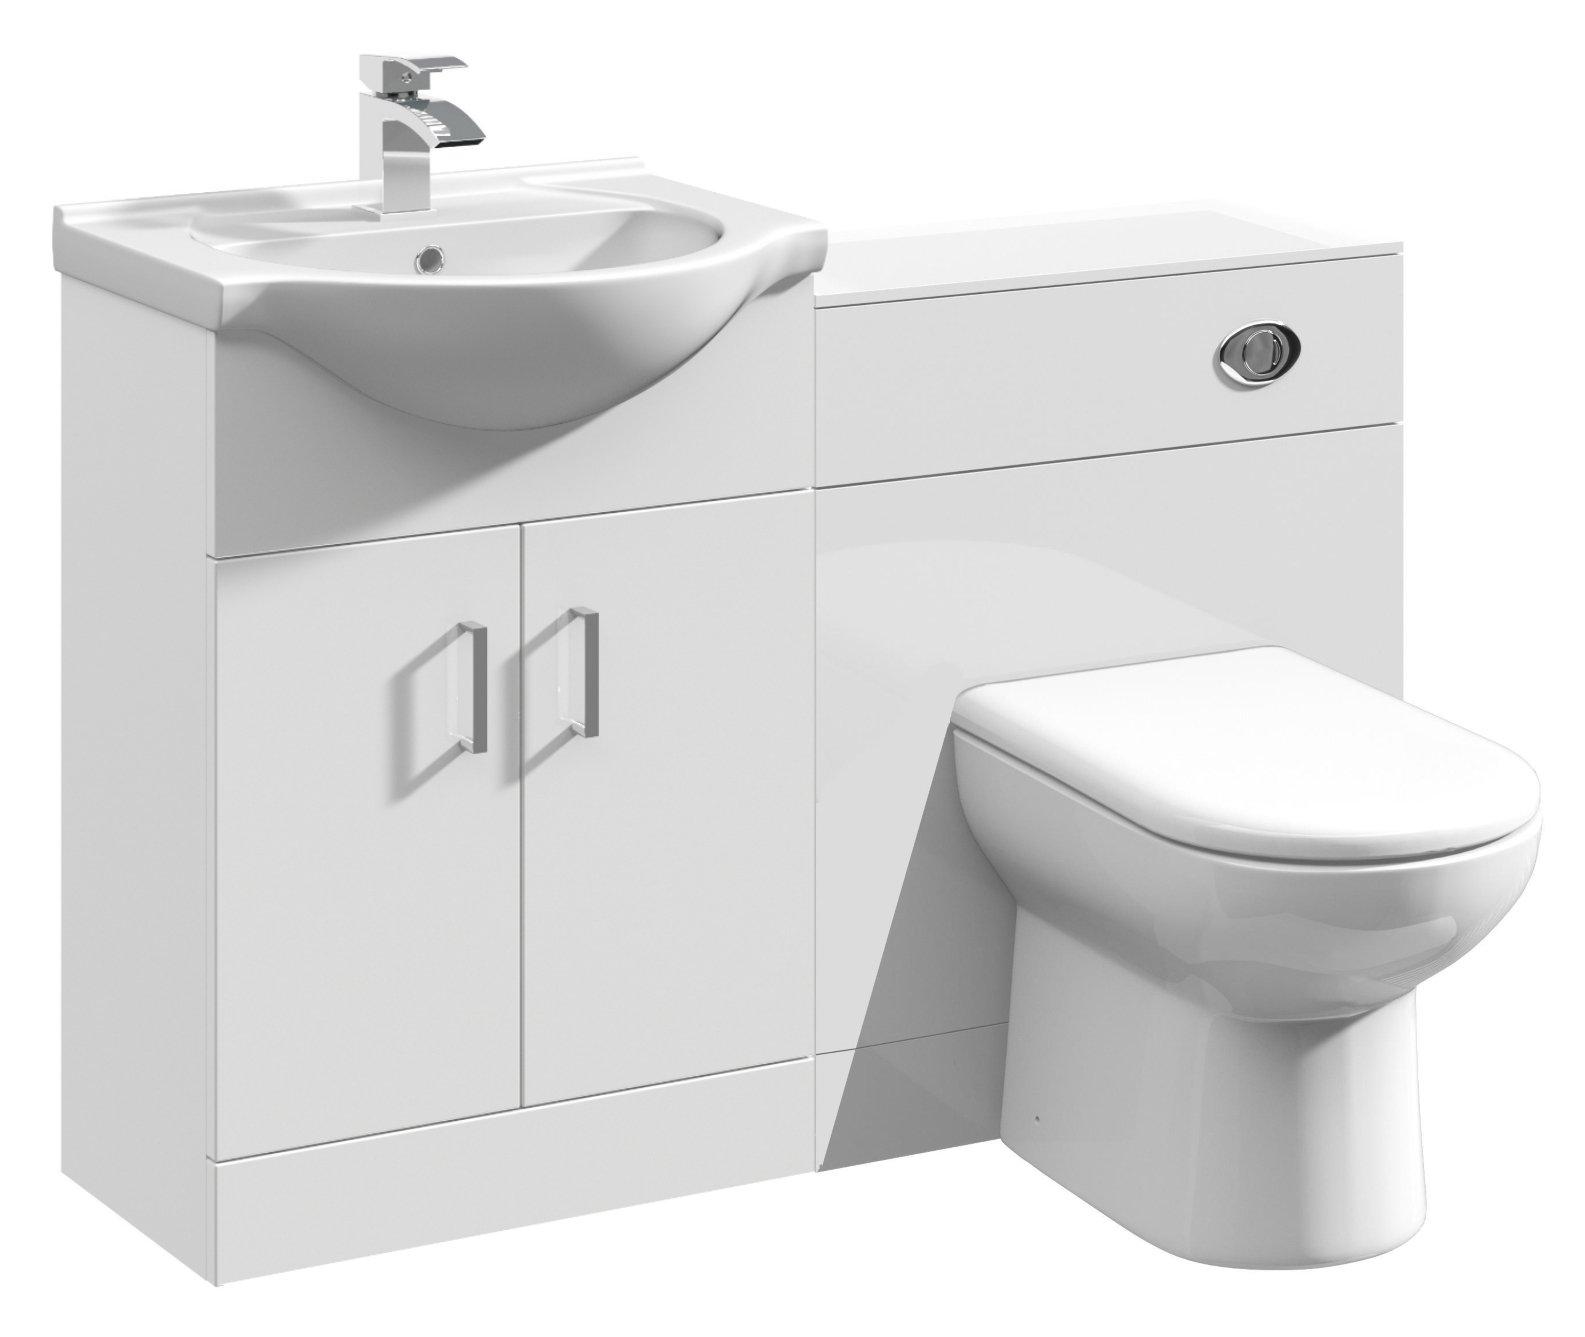 Bathroom Furniture Set: Amazon.co.uk